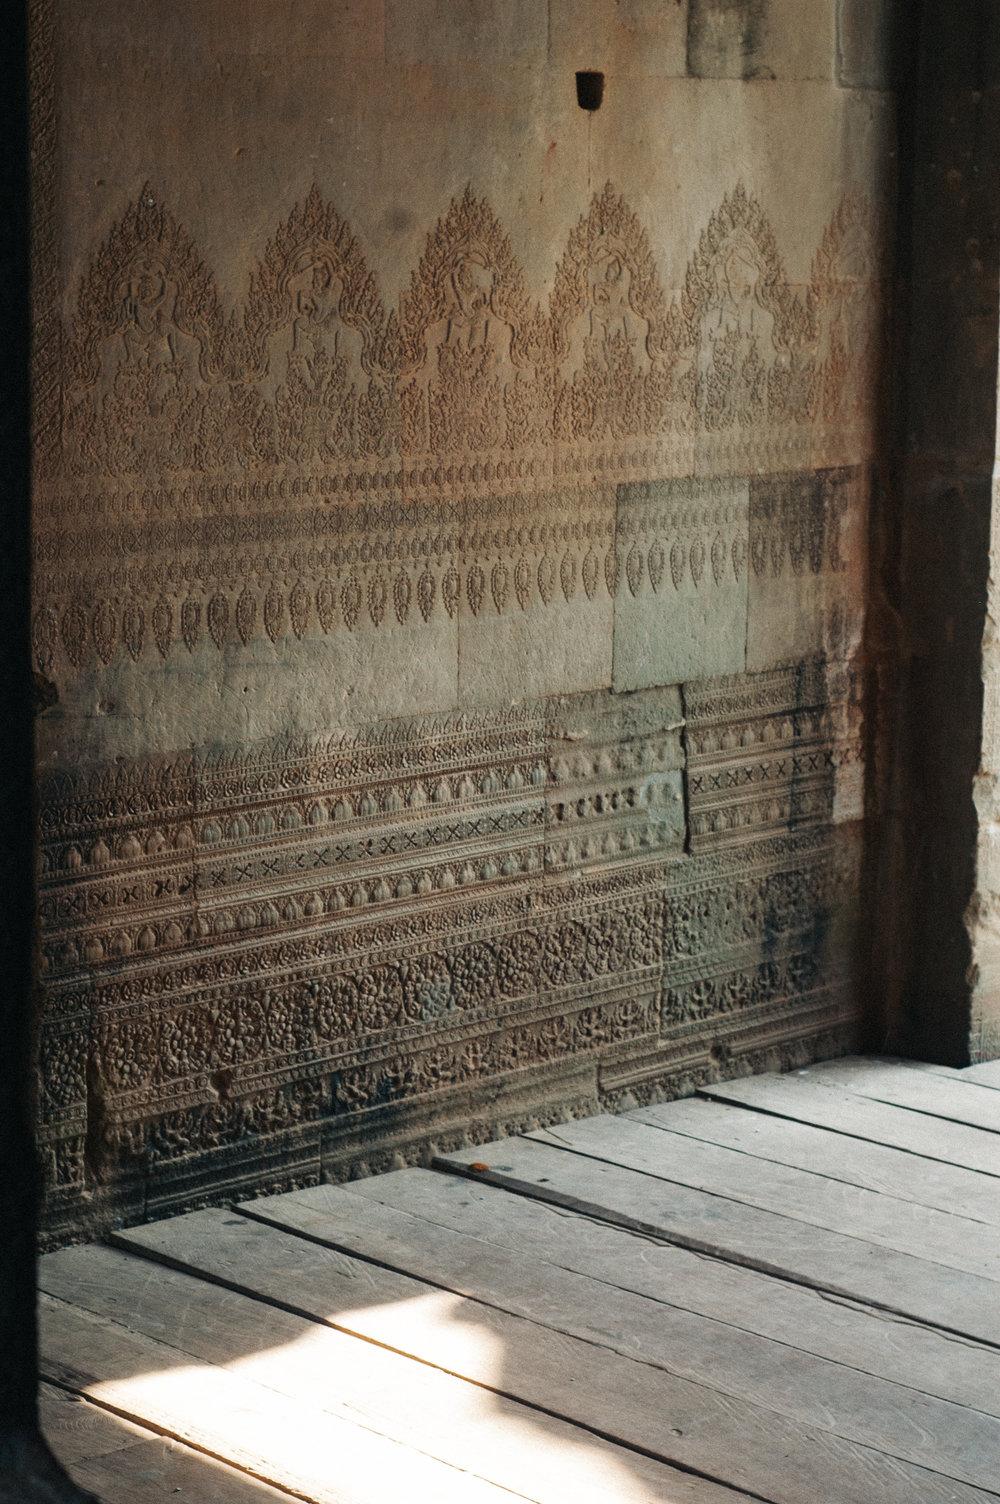 angkor wat temples siem reap (33 of 42).jpg